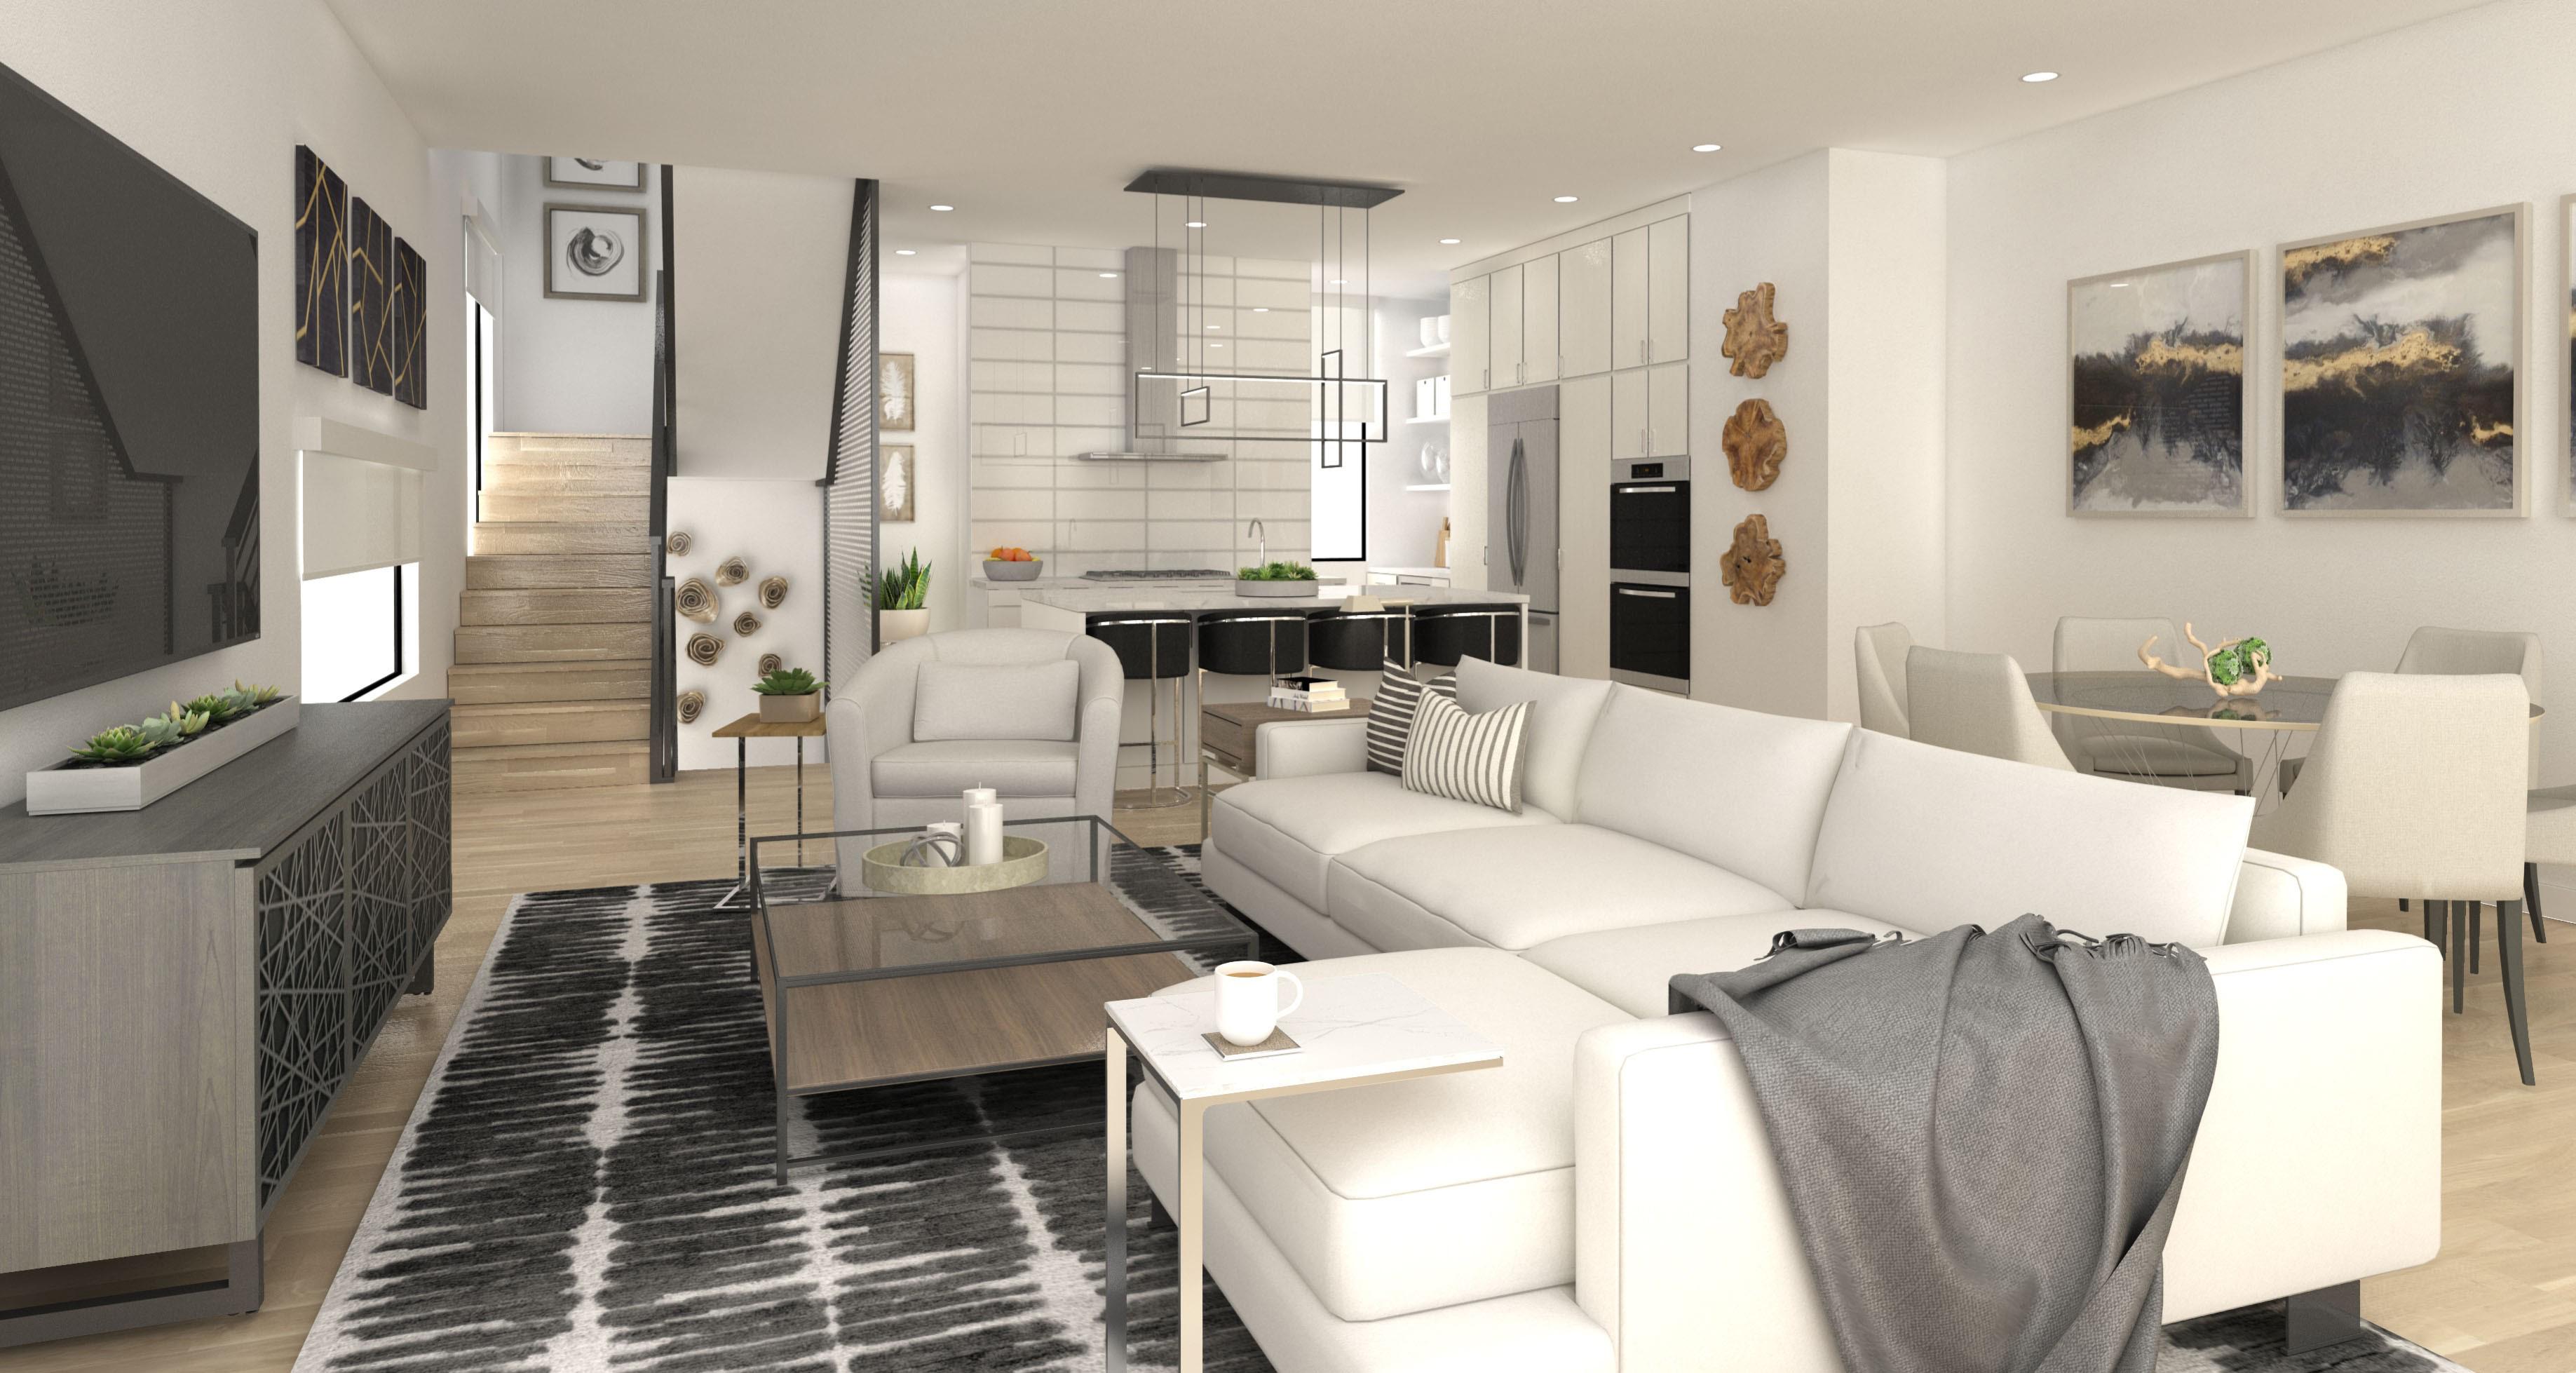 Living room interior render SU Podium